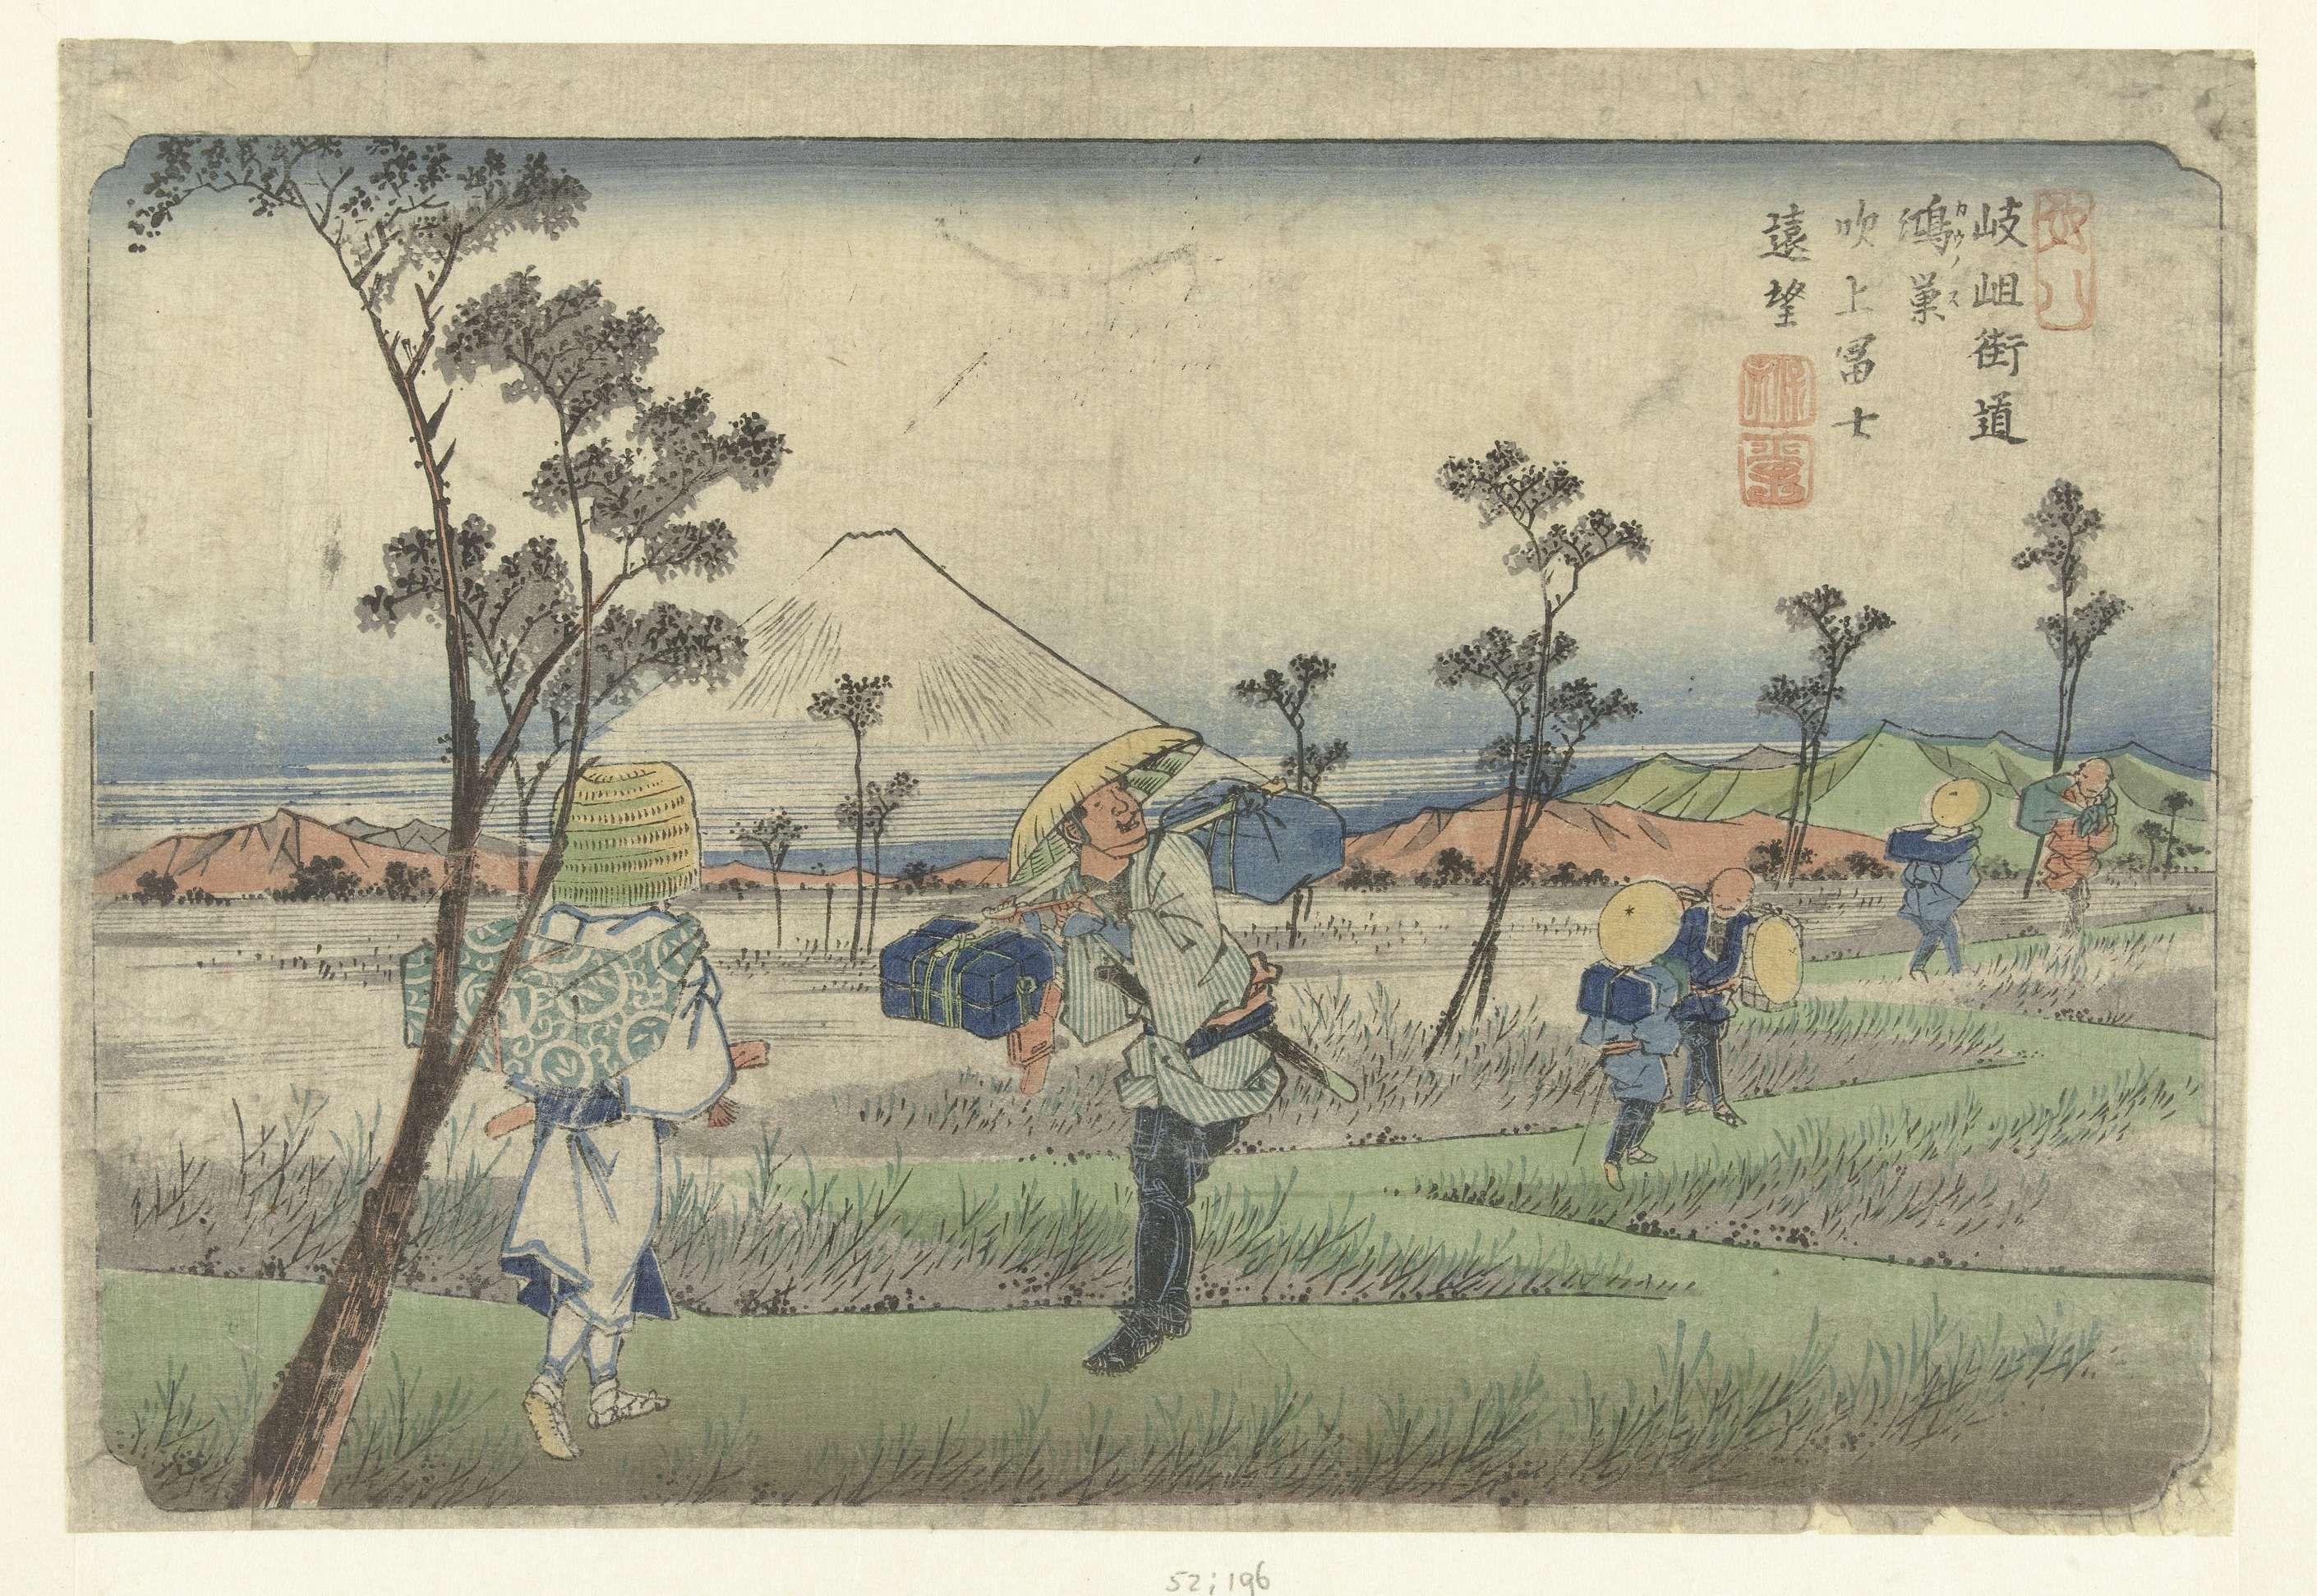 Keisai Eisen | Vergezicht op de fonteinvormige berg Fuji gezien vanaf Konosu., Keisai Eisen, Takenouchi Magohachi (Hoeido), 1838 - 1842 | Reizigers op een zigzaggende weg over een vlakte met de besneeuwde berg Fuji op de achtergrond.